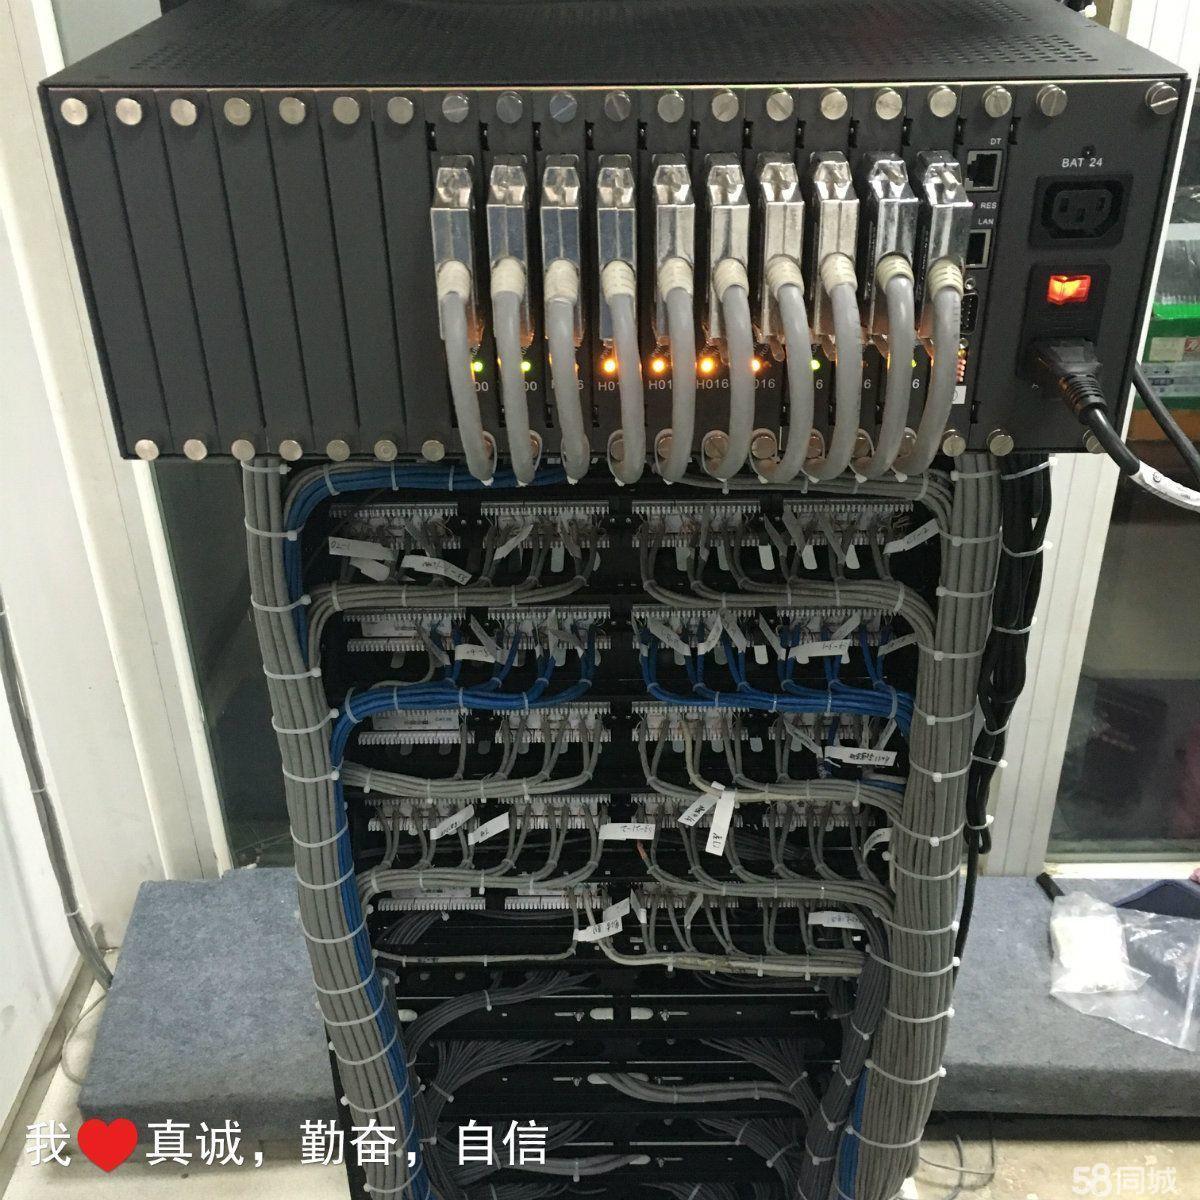 程控电话交换机系统 - 广州宝誉机电设备维修有限公司